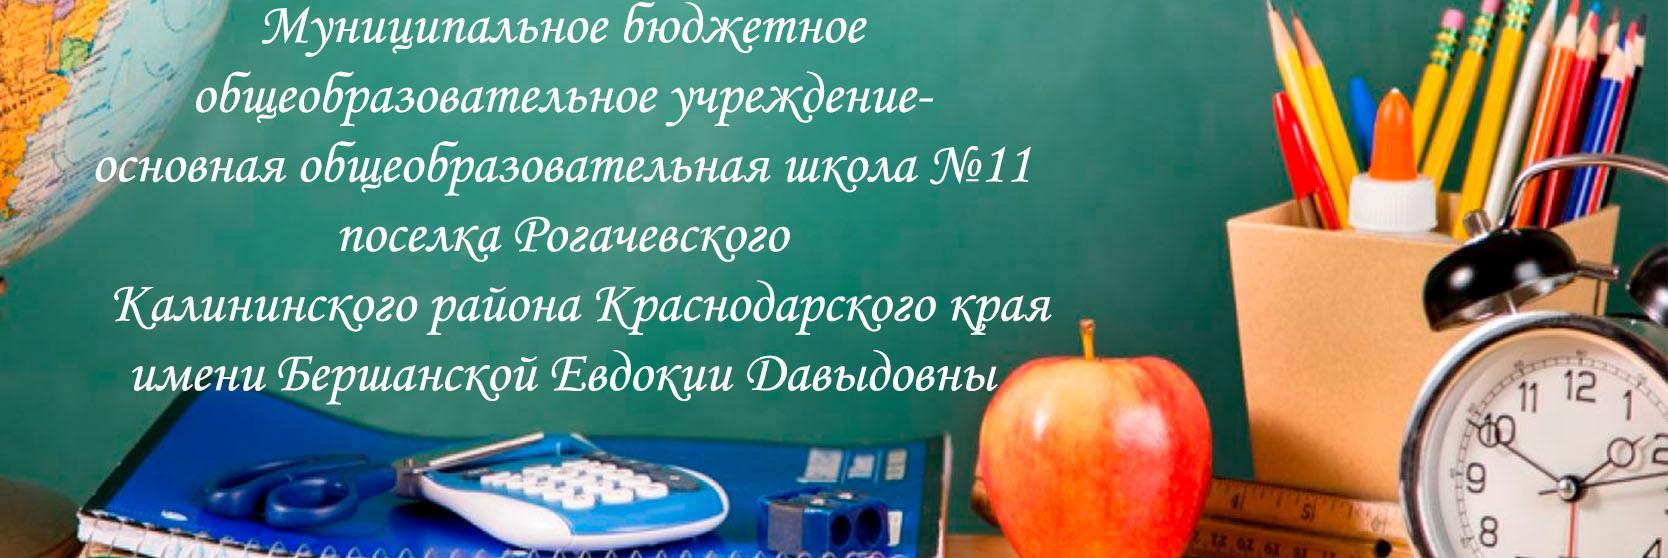 Муниципальное бюджетное общеобразовательное учреждение-основная общеобразовательная школа №11 поселка Рогачевского